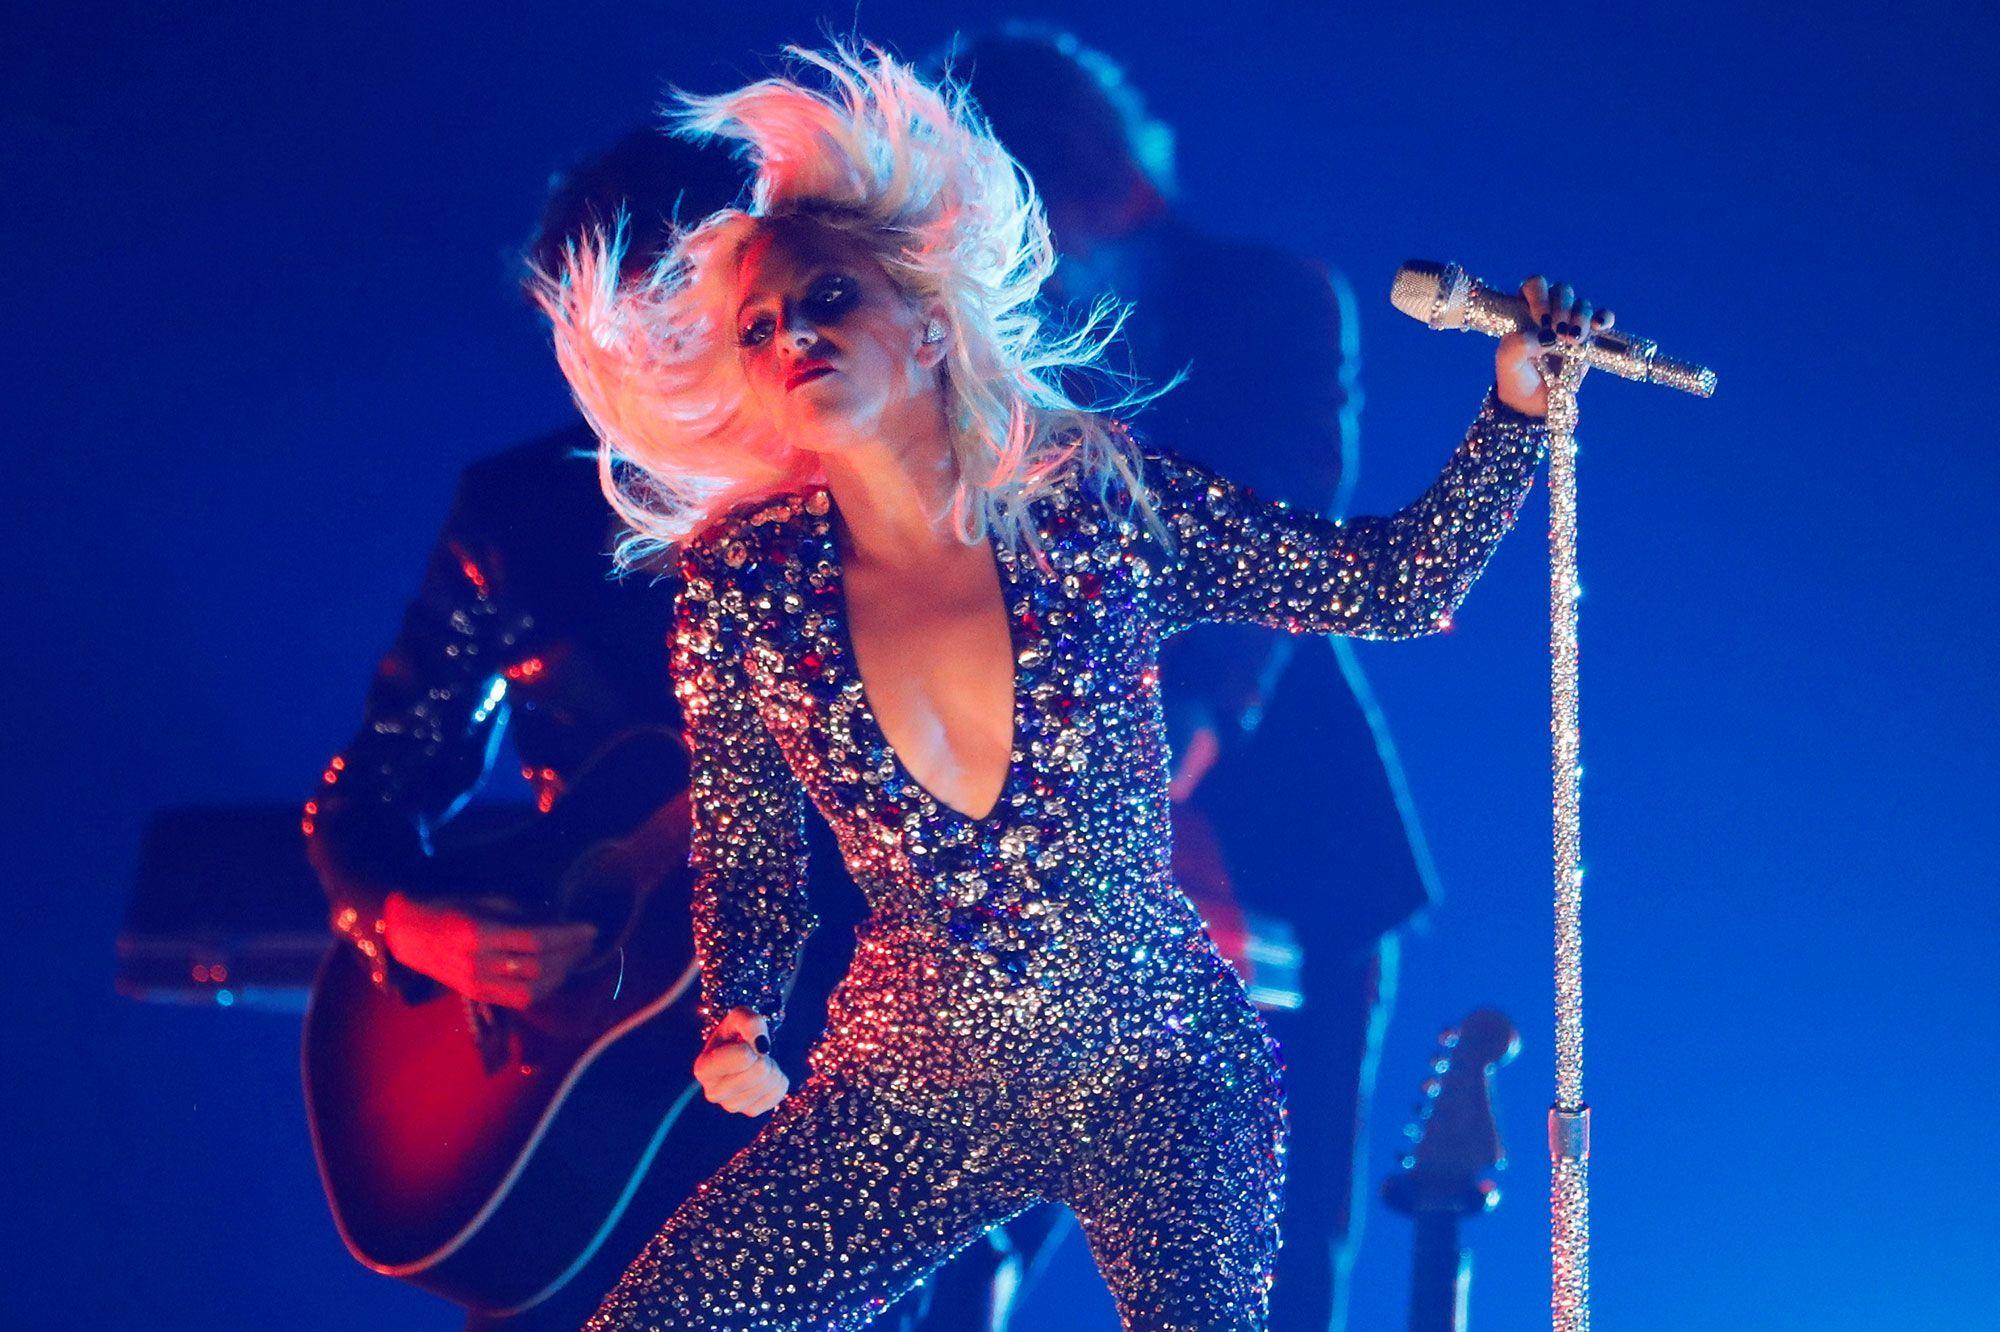 Lady Gaga chute en plein concert pendant une danse endiablée avec un fan